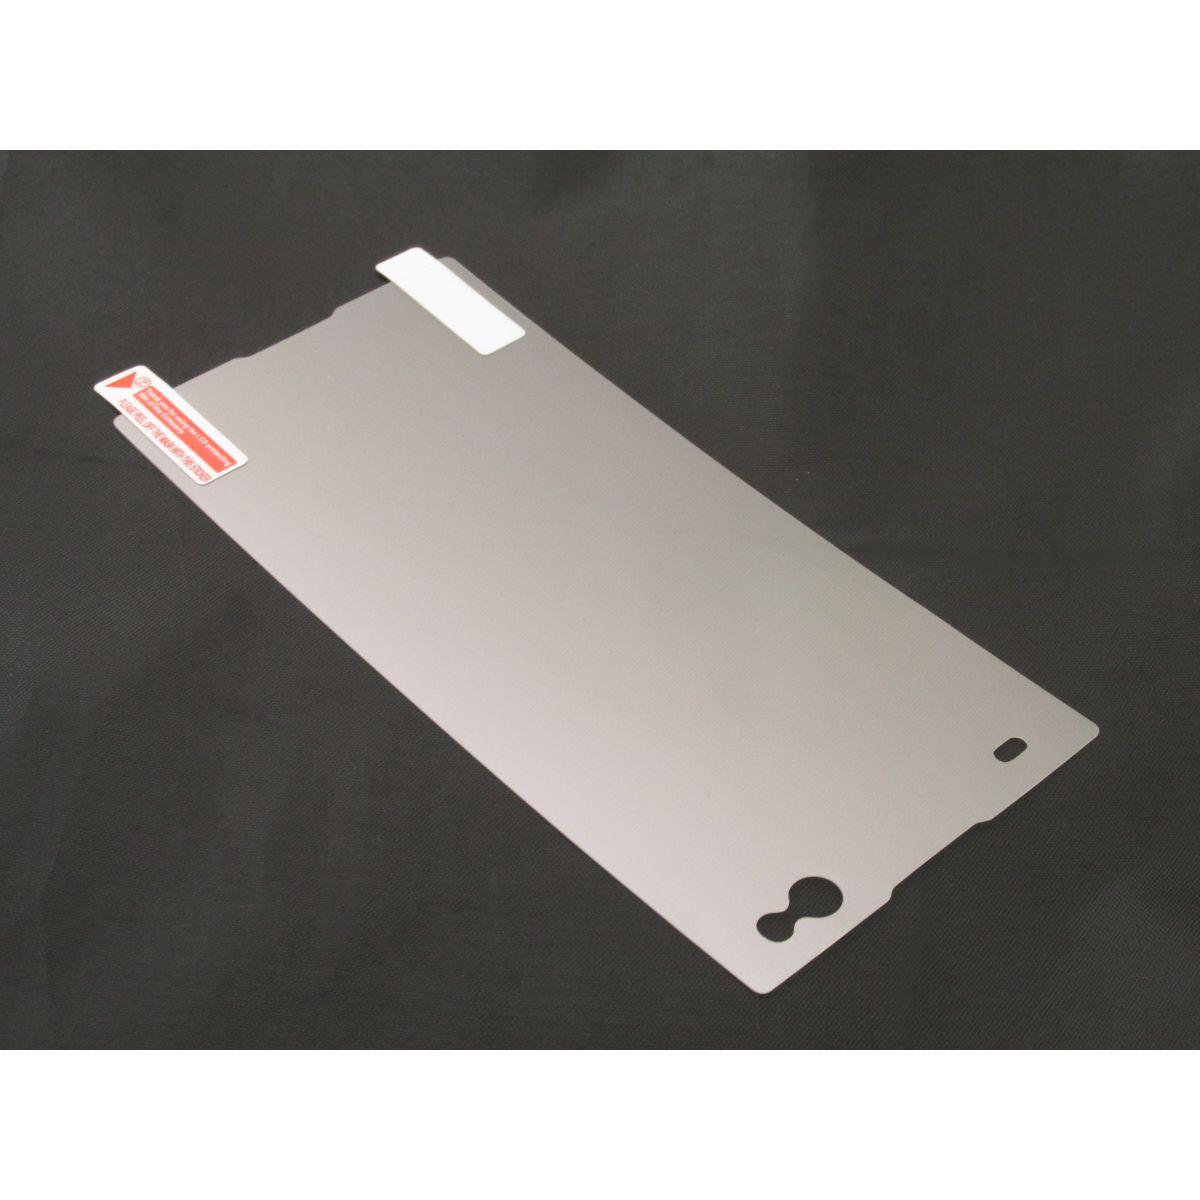 Pelicula Protetora Sony Xperia C3 D2533 D2502 Fosca